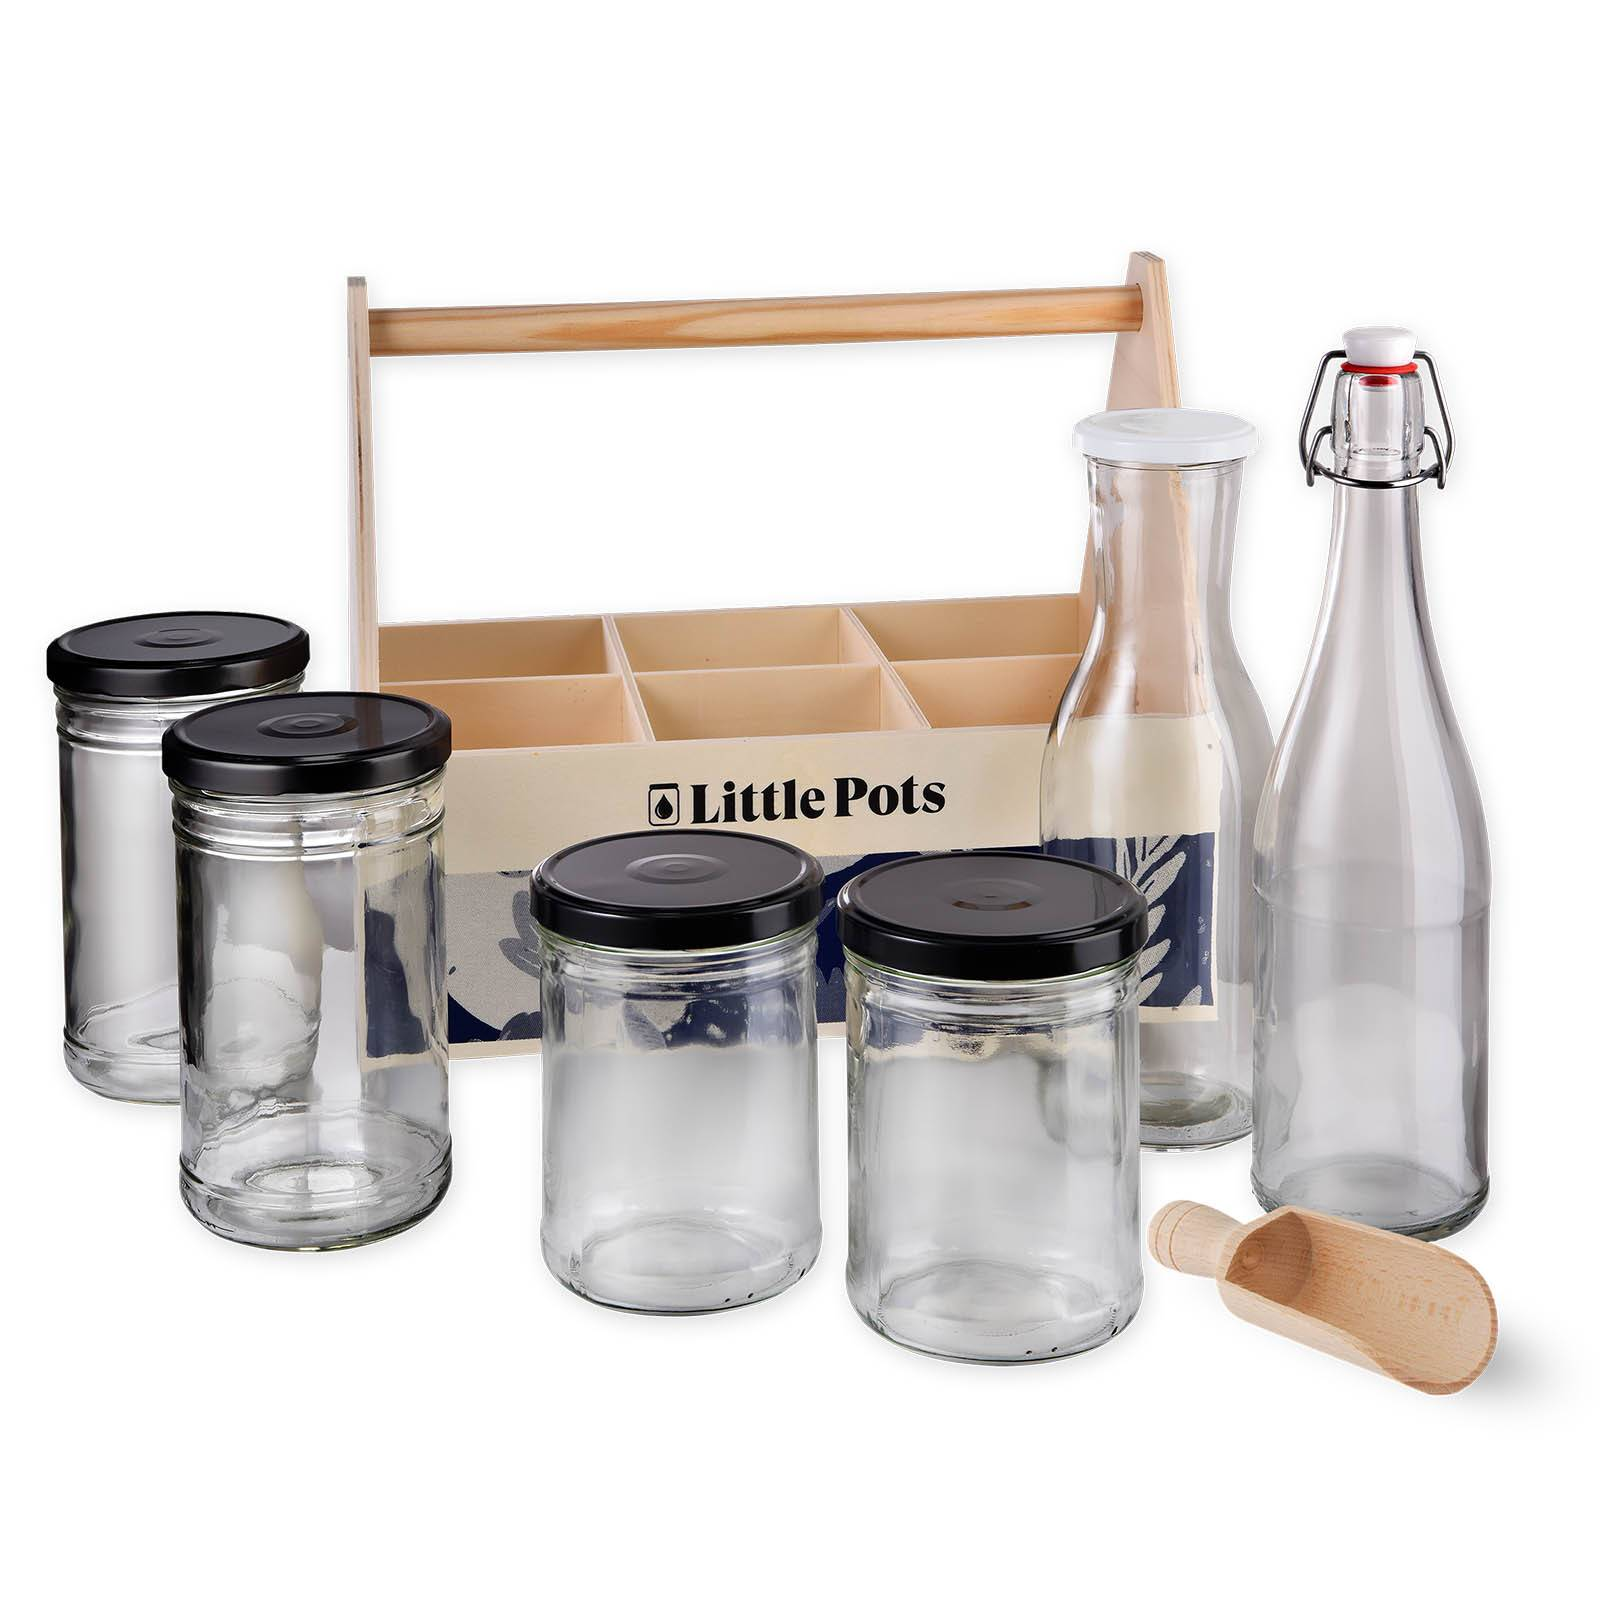 Little Pots Kit l'épicier d' coté contenants en verre courses en vrac